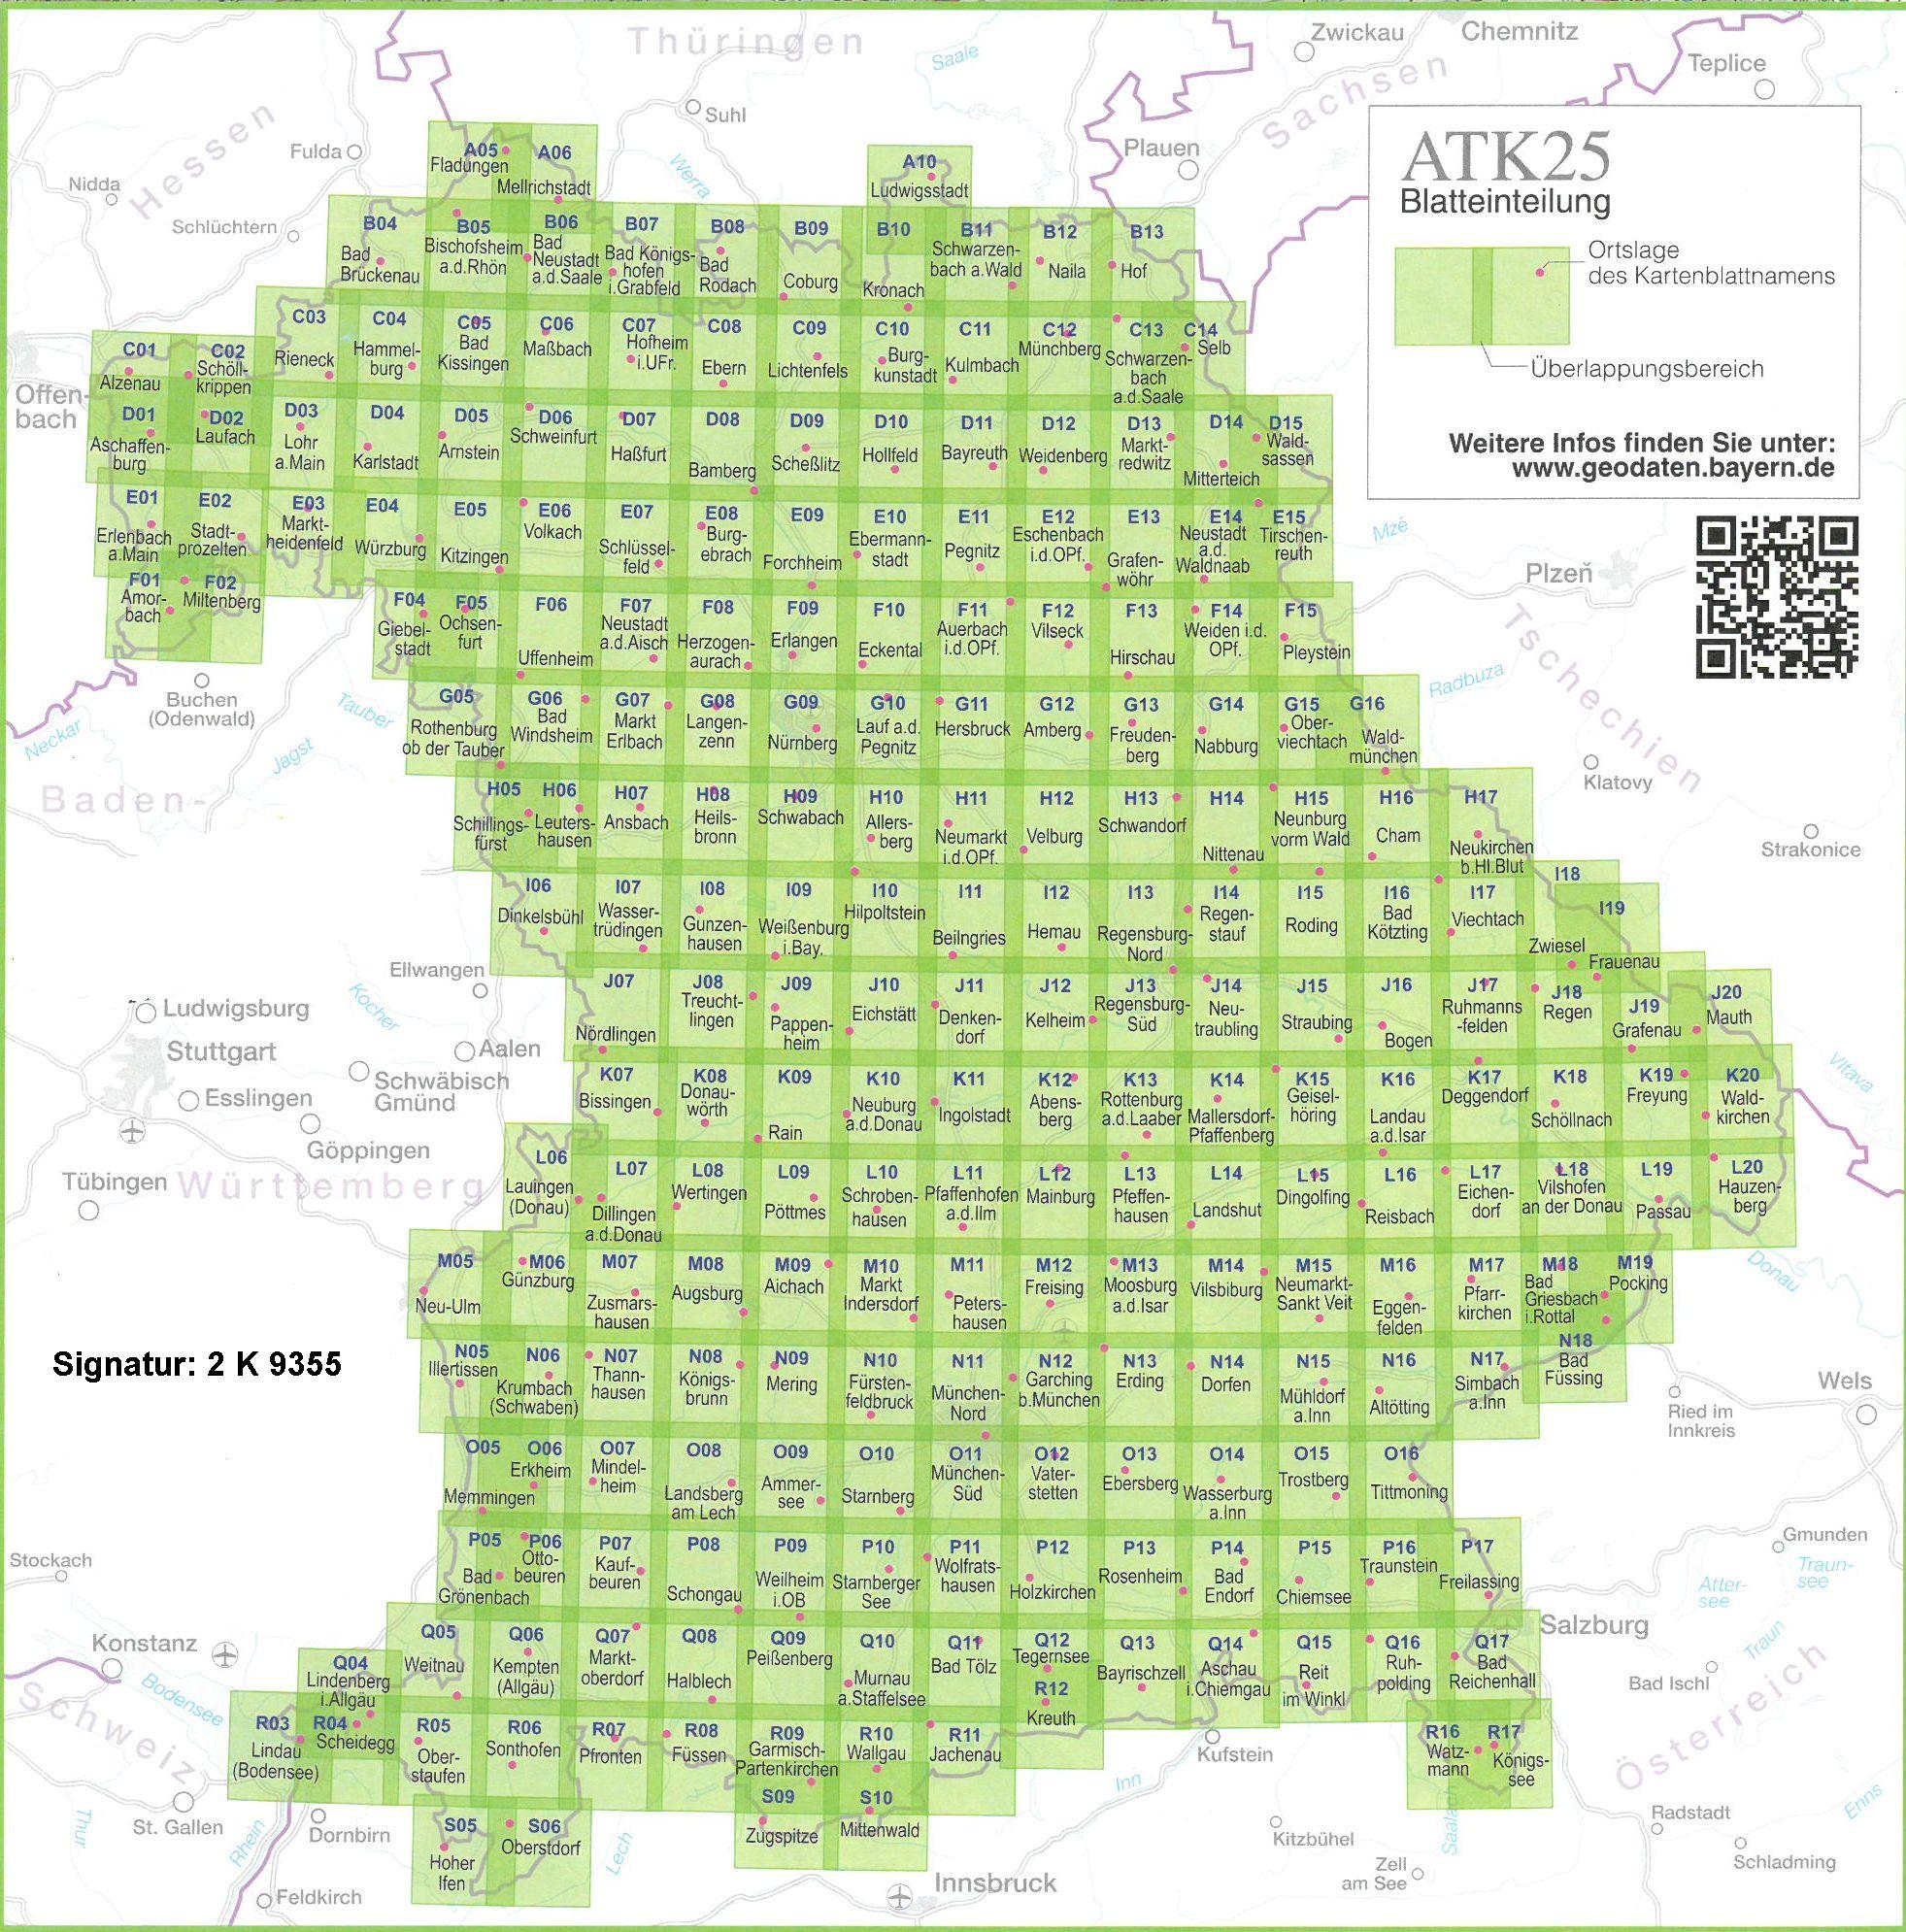 Topographische Karte Bayern.Topo Liste Kartenabteilung Staatsbibliothek Zu Berlin